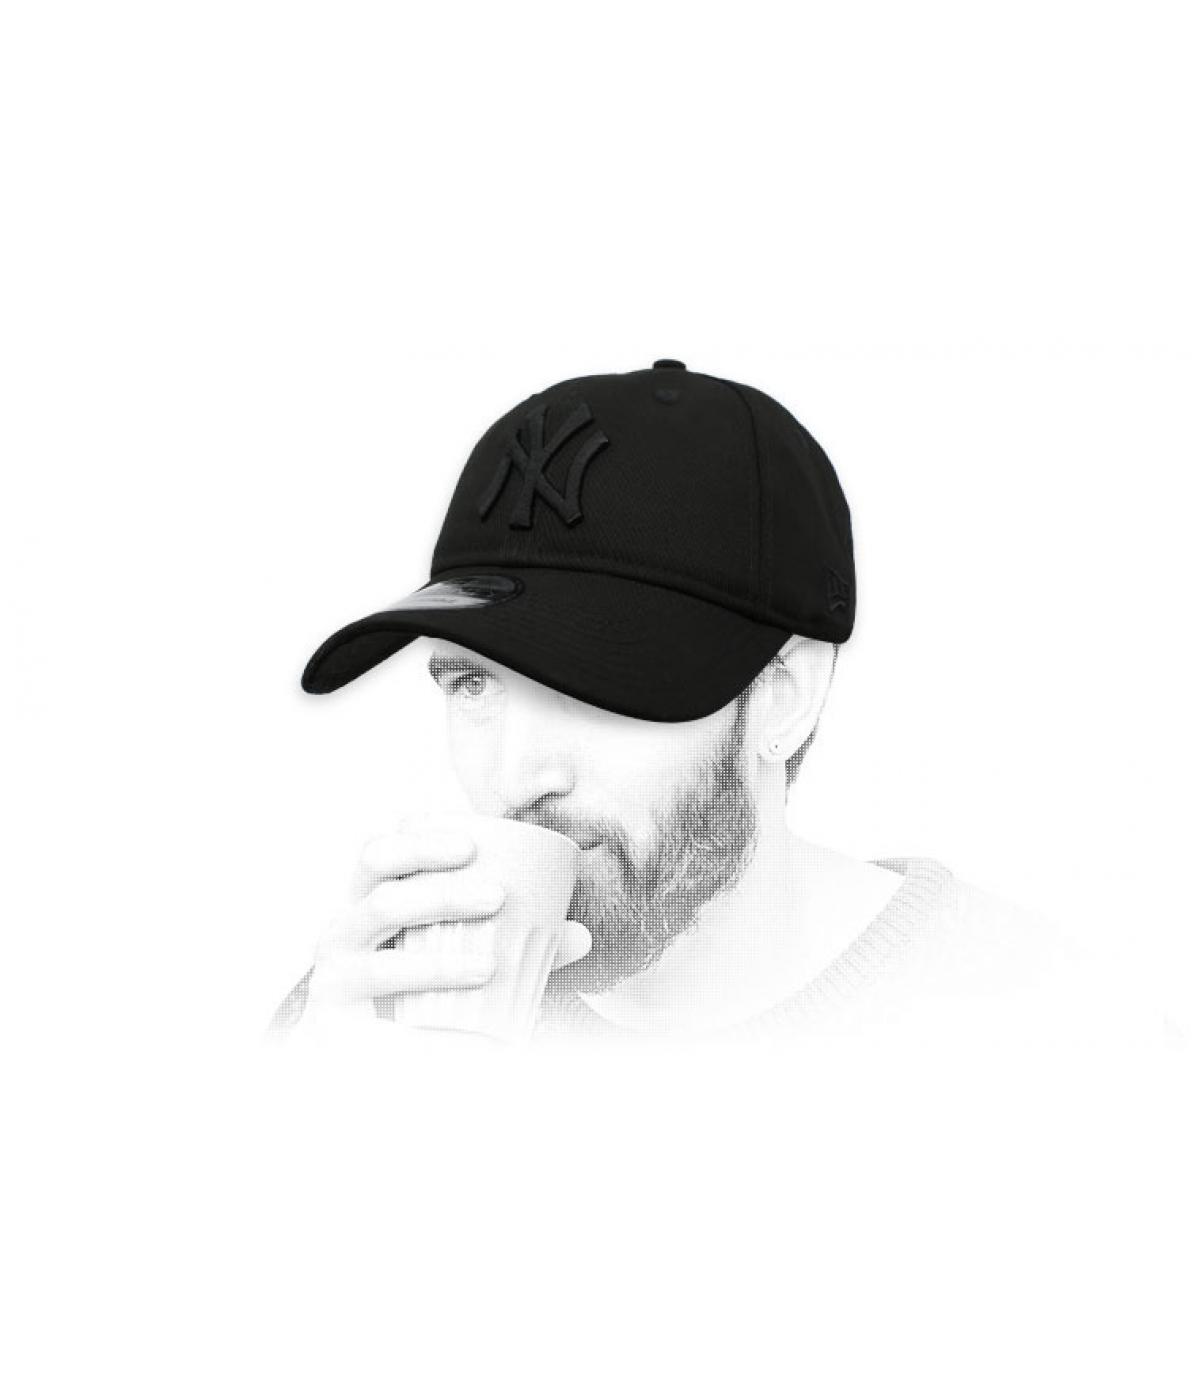 gorra NY negro plegable